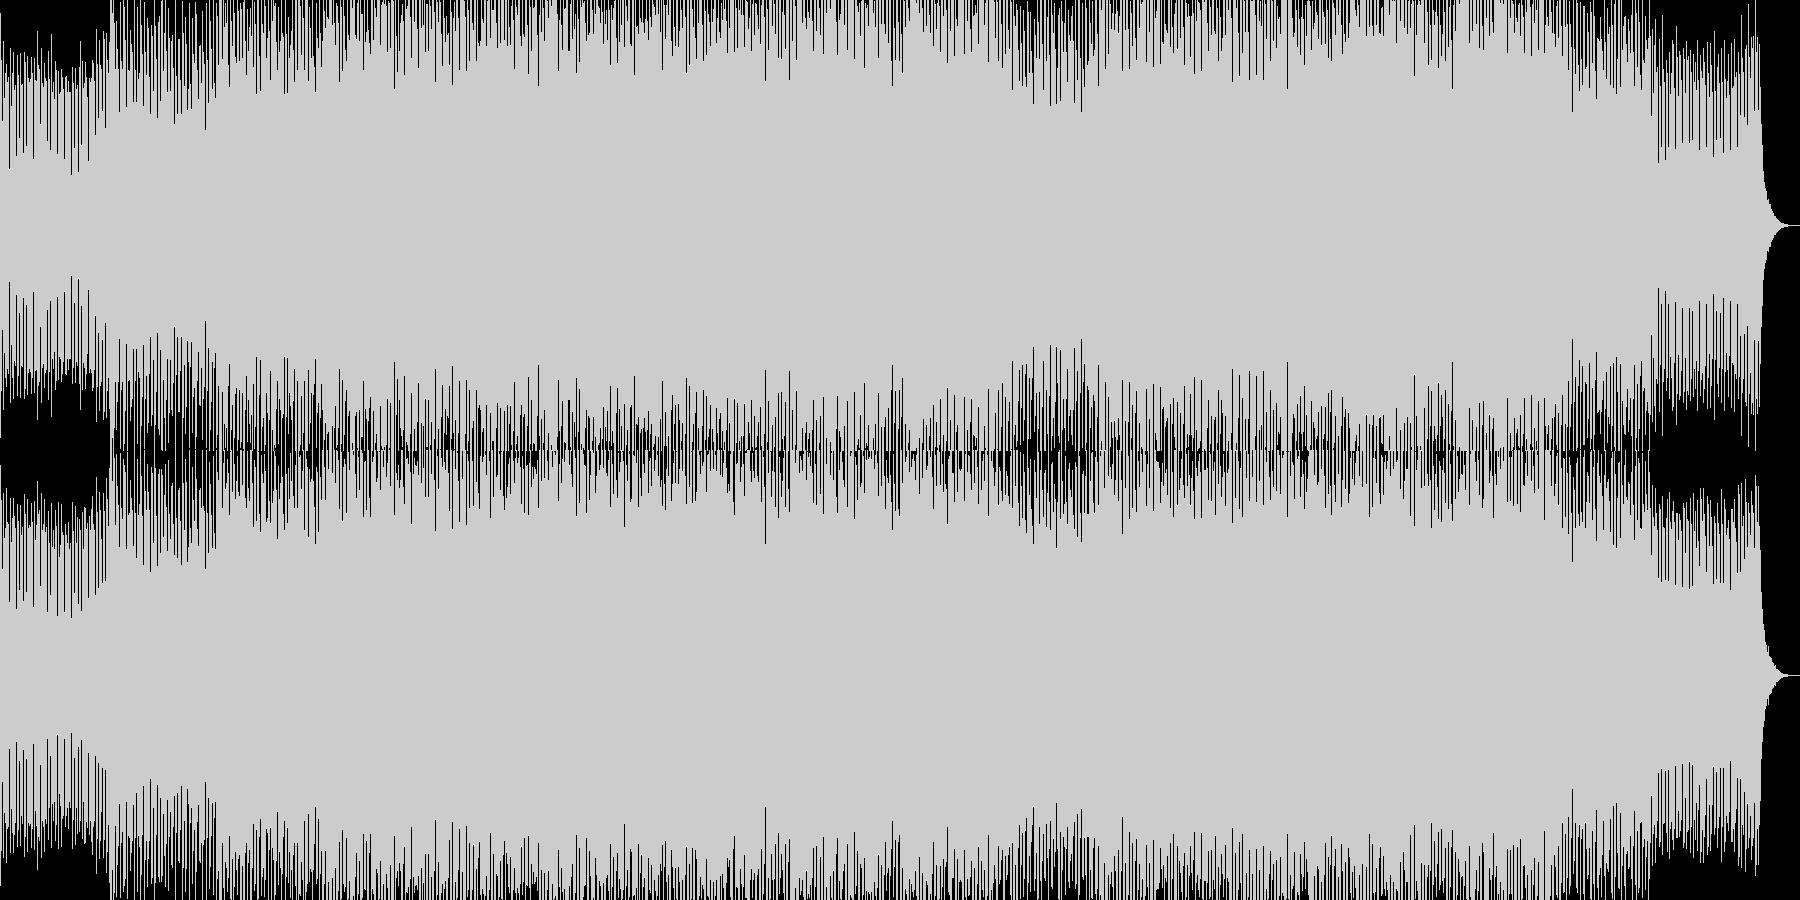 軽快でエネルギッシュなポップロックBGMの未再生の波形